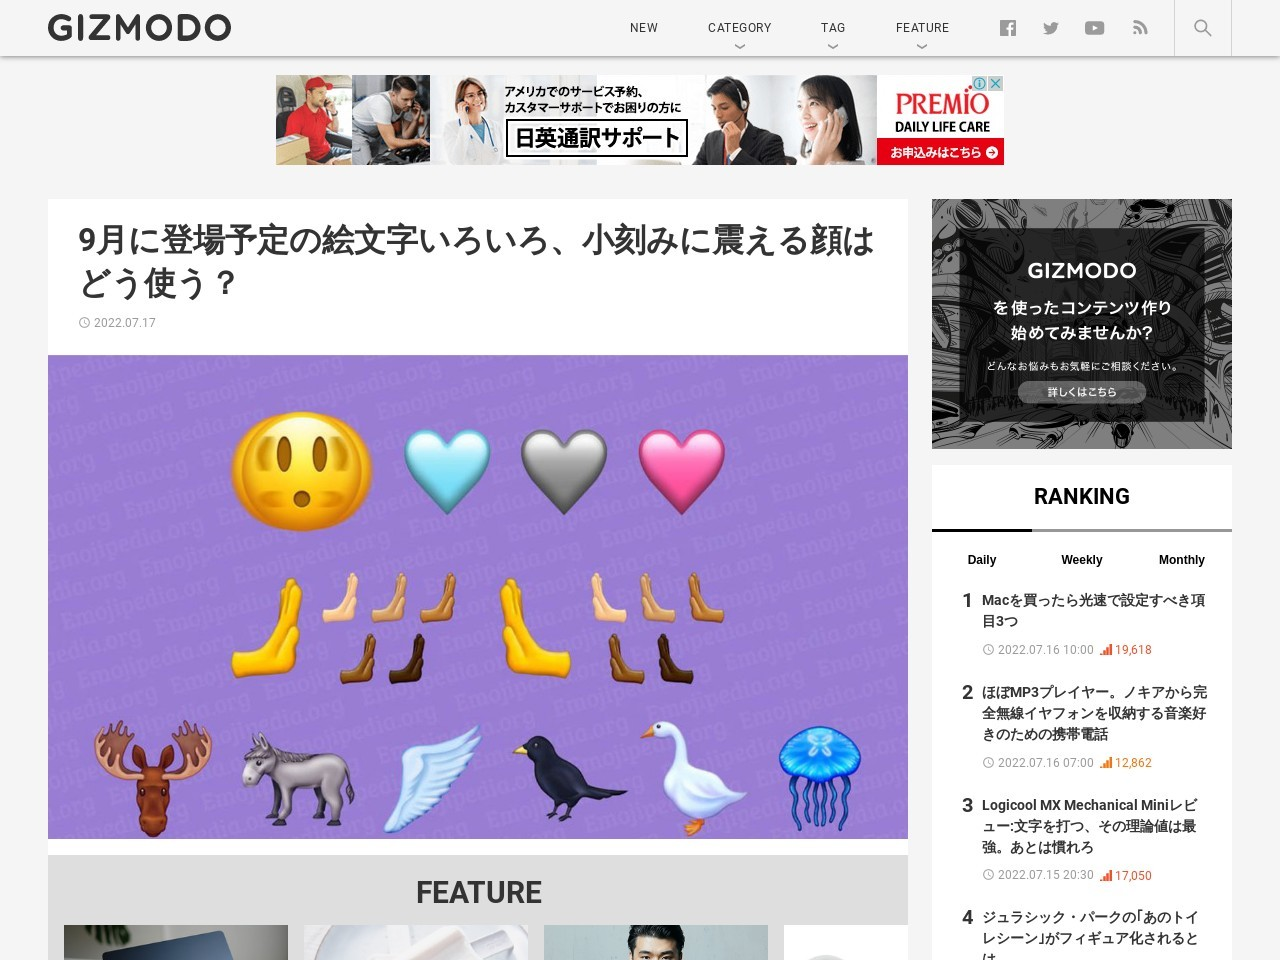 ギズモード・ジャパン読者がもっとも購入したスポーツ・アウトドアグッズランキング:2018年1月